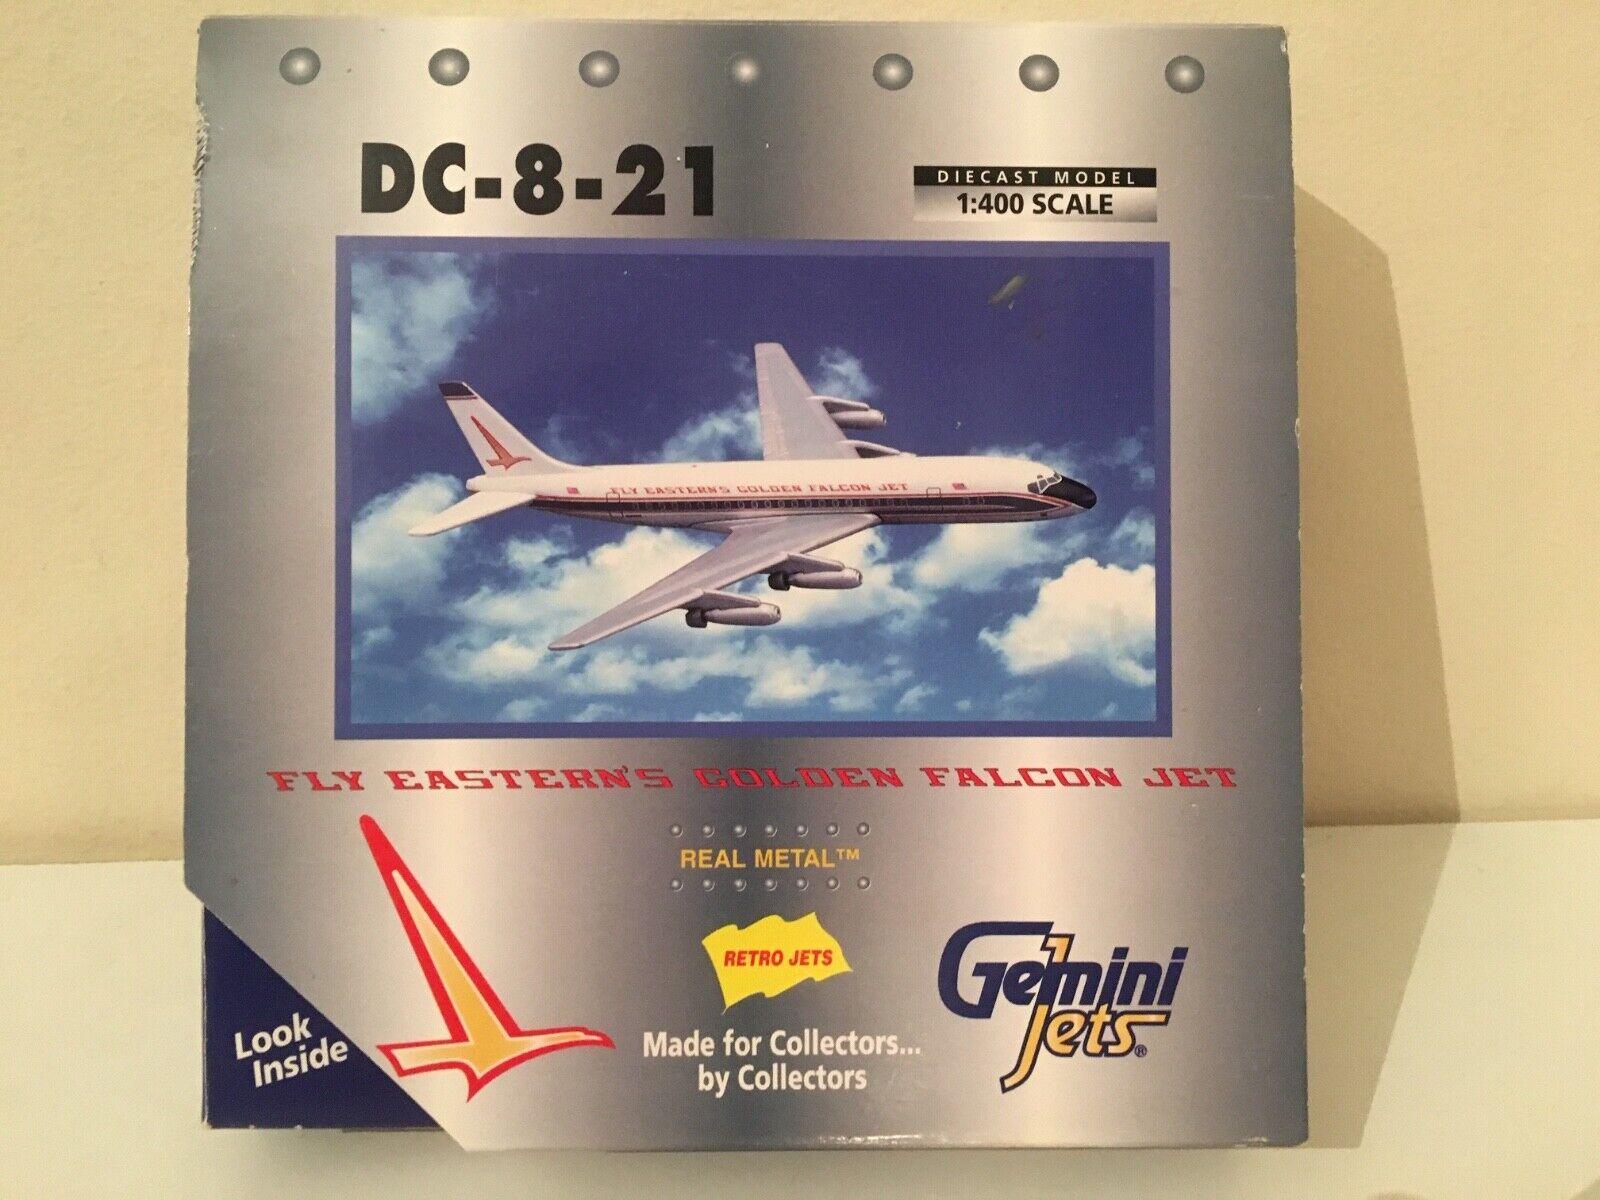 1 400 Gemini Jets gjeal 082-Fly oriental de oro Falcon DC-8-21, modelo de avión